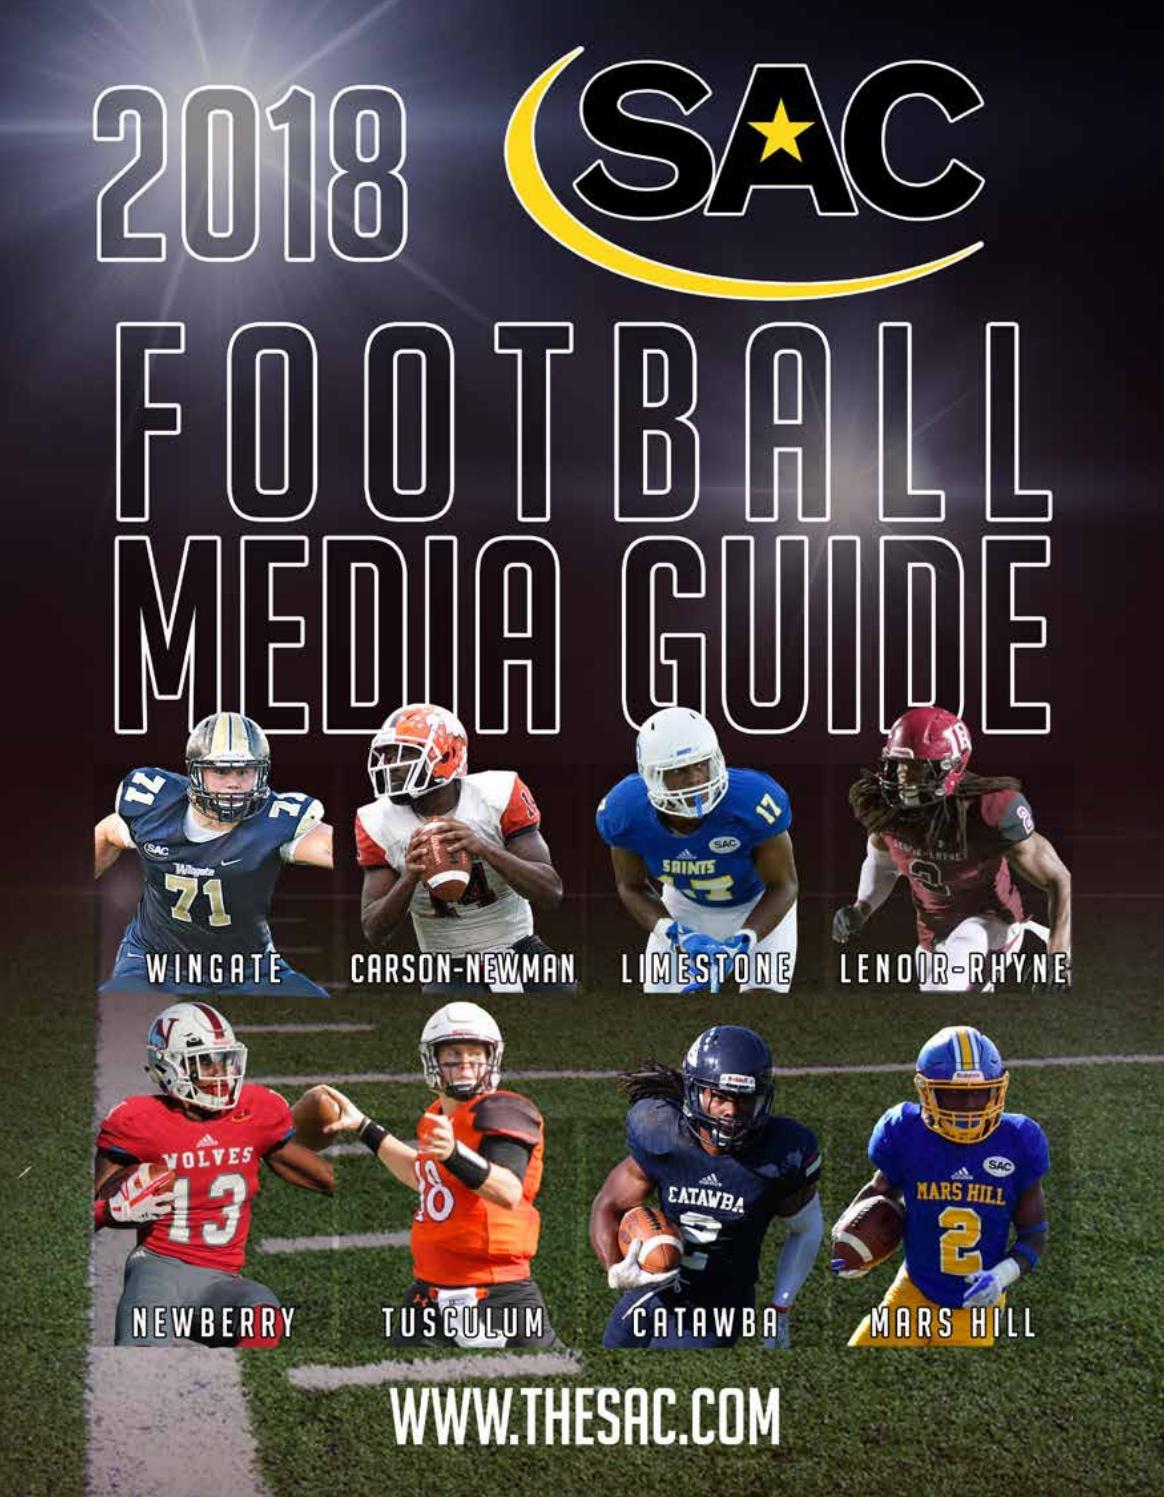 2018 SAC Football Media Guide by The SAC - issuu